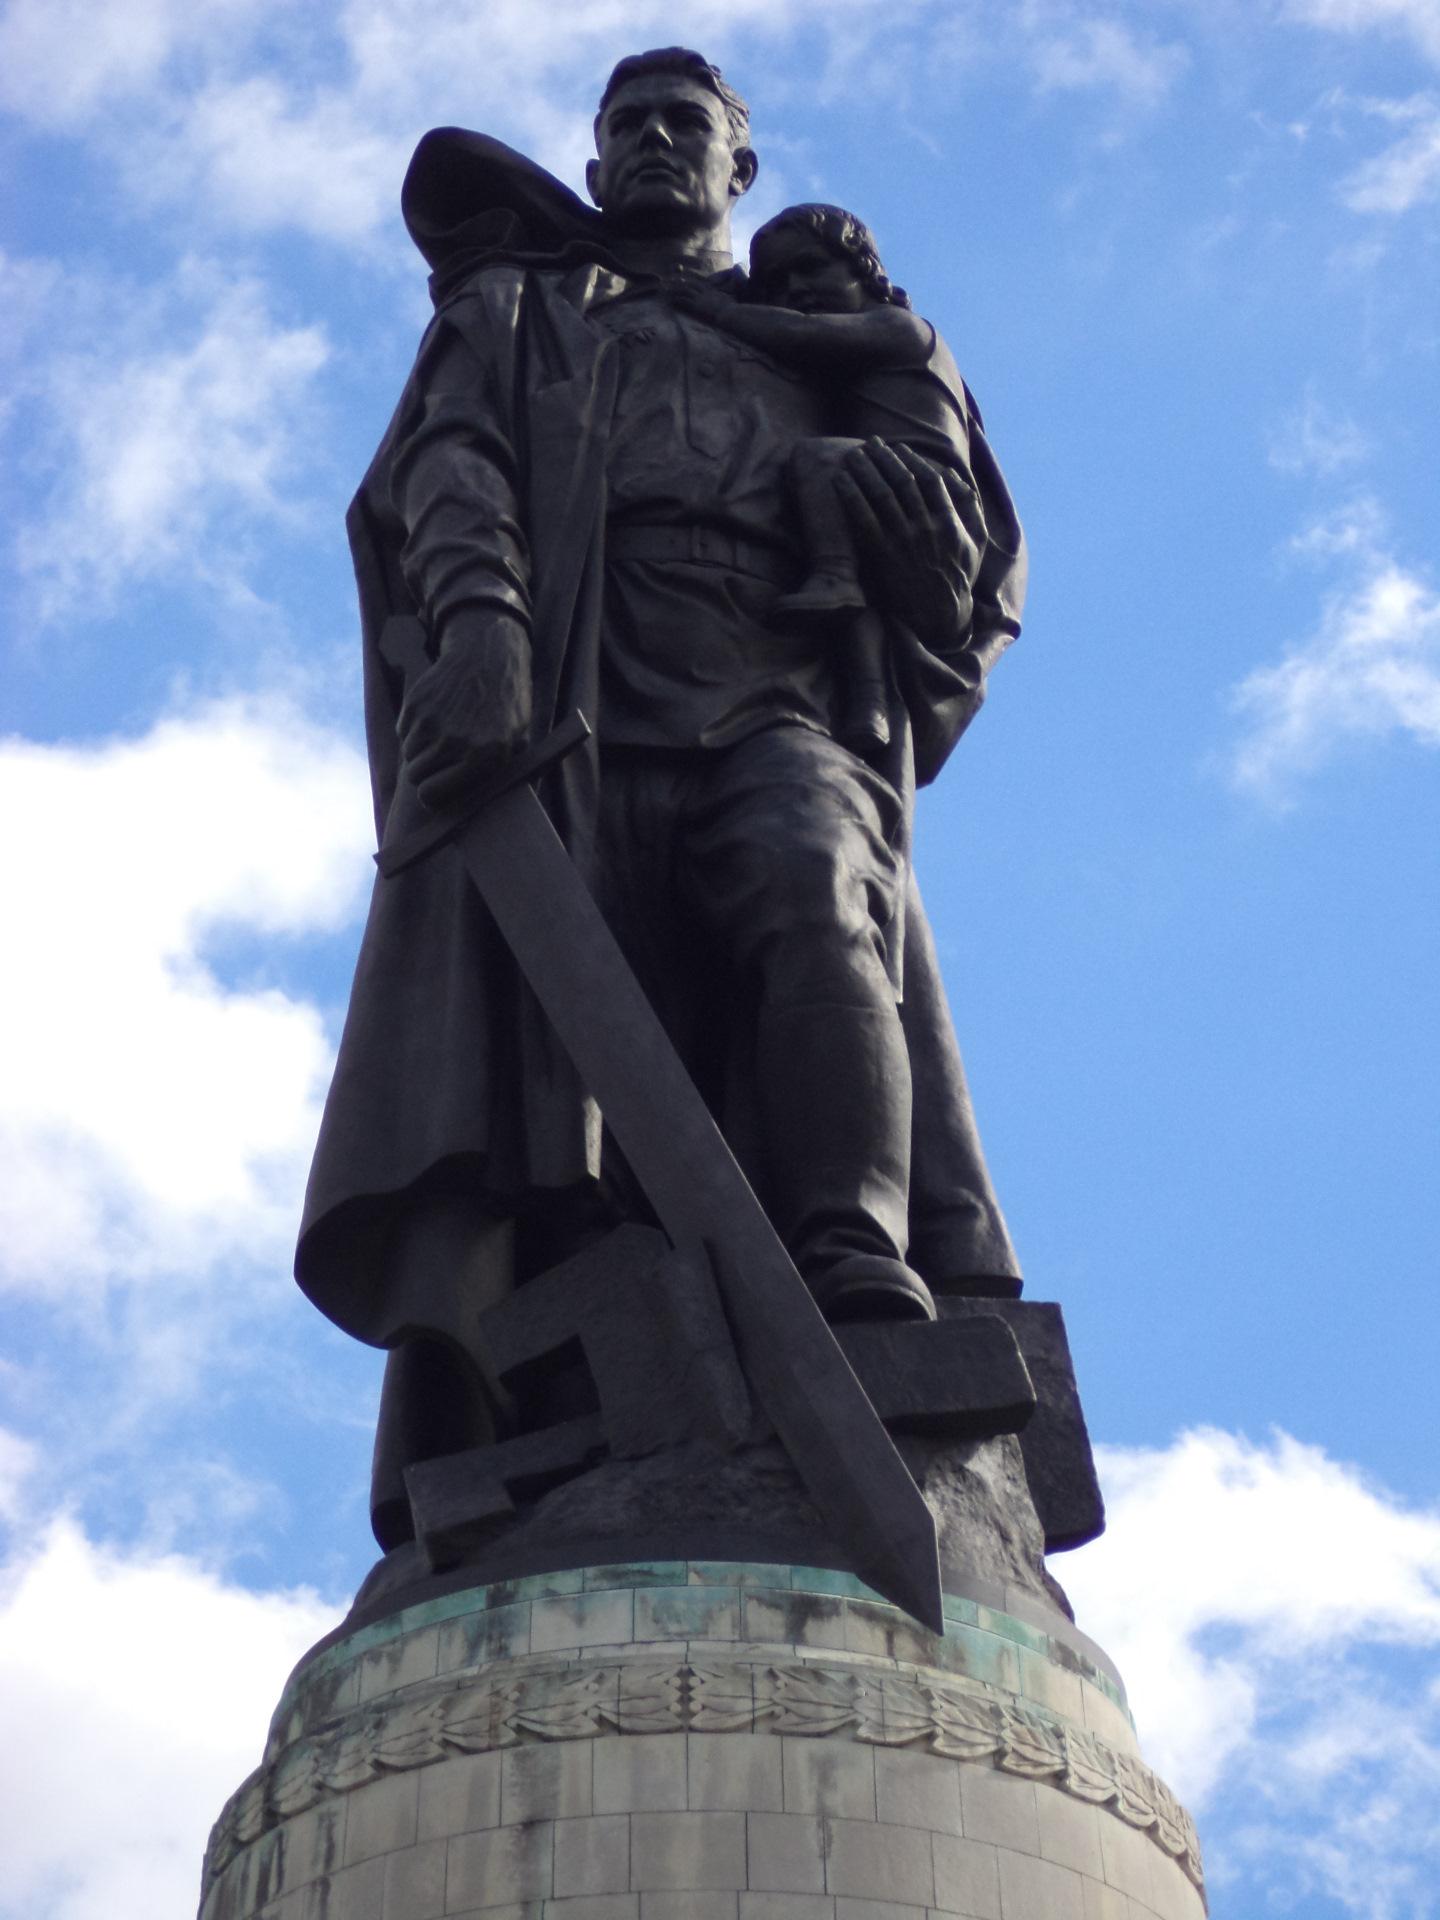 фото памятника в трептов парке рассчета расстояний площади